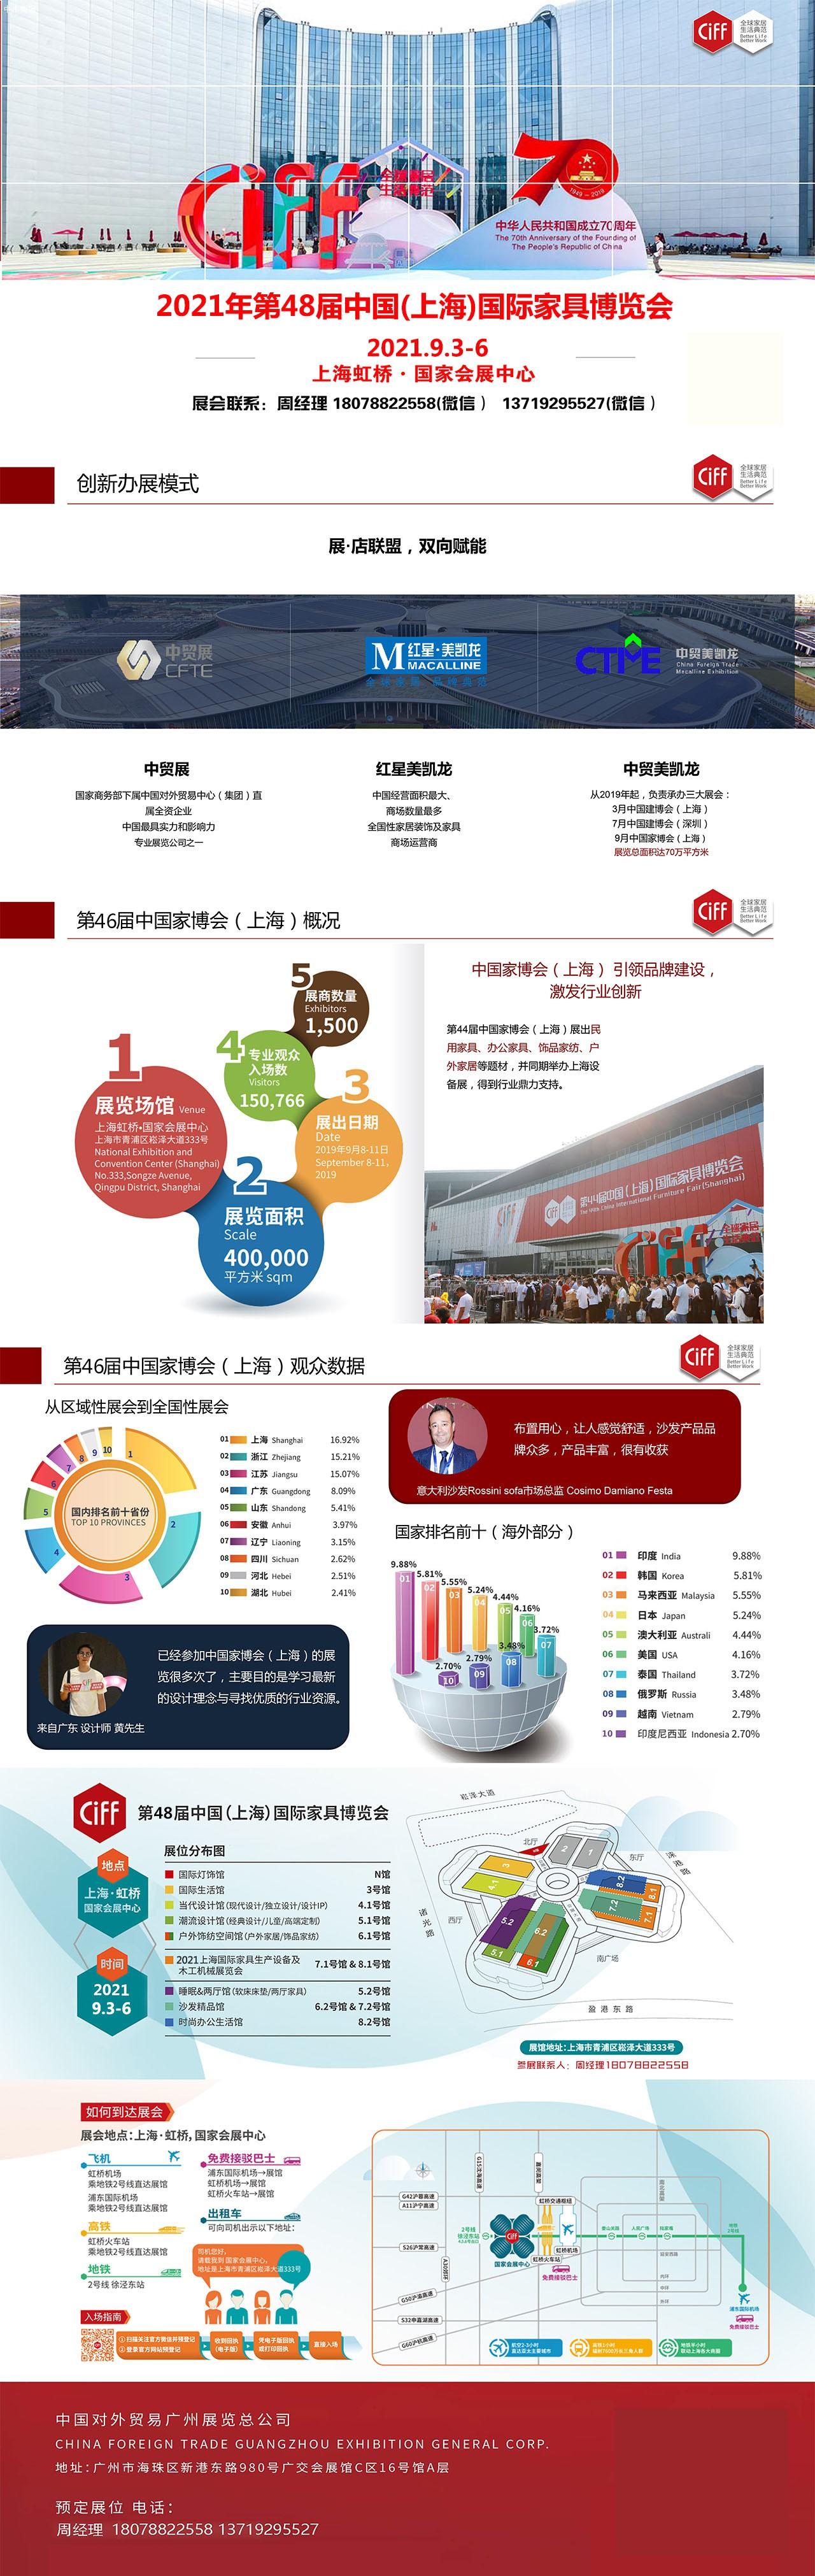 2021年第48届中国(上海)国际家具博览会